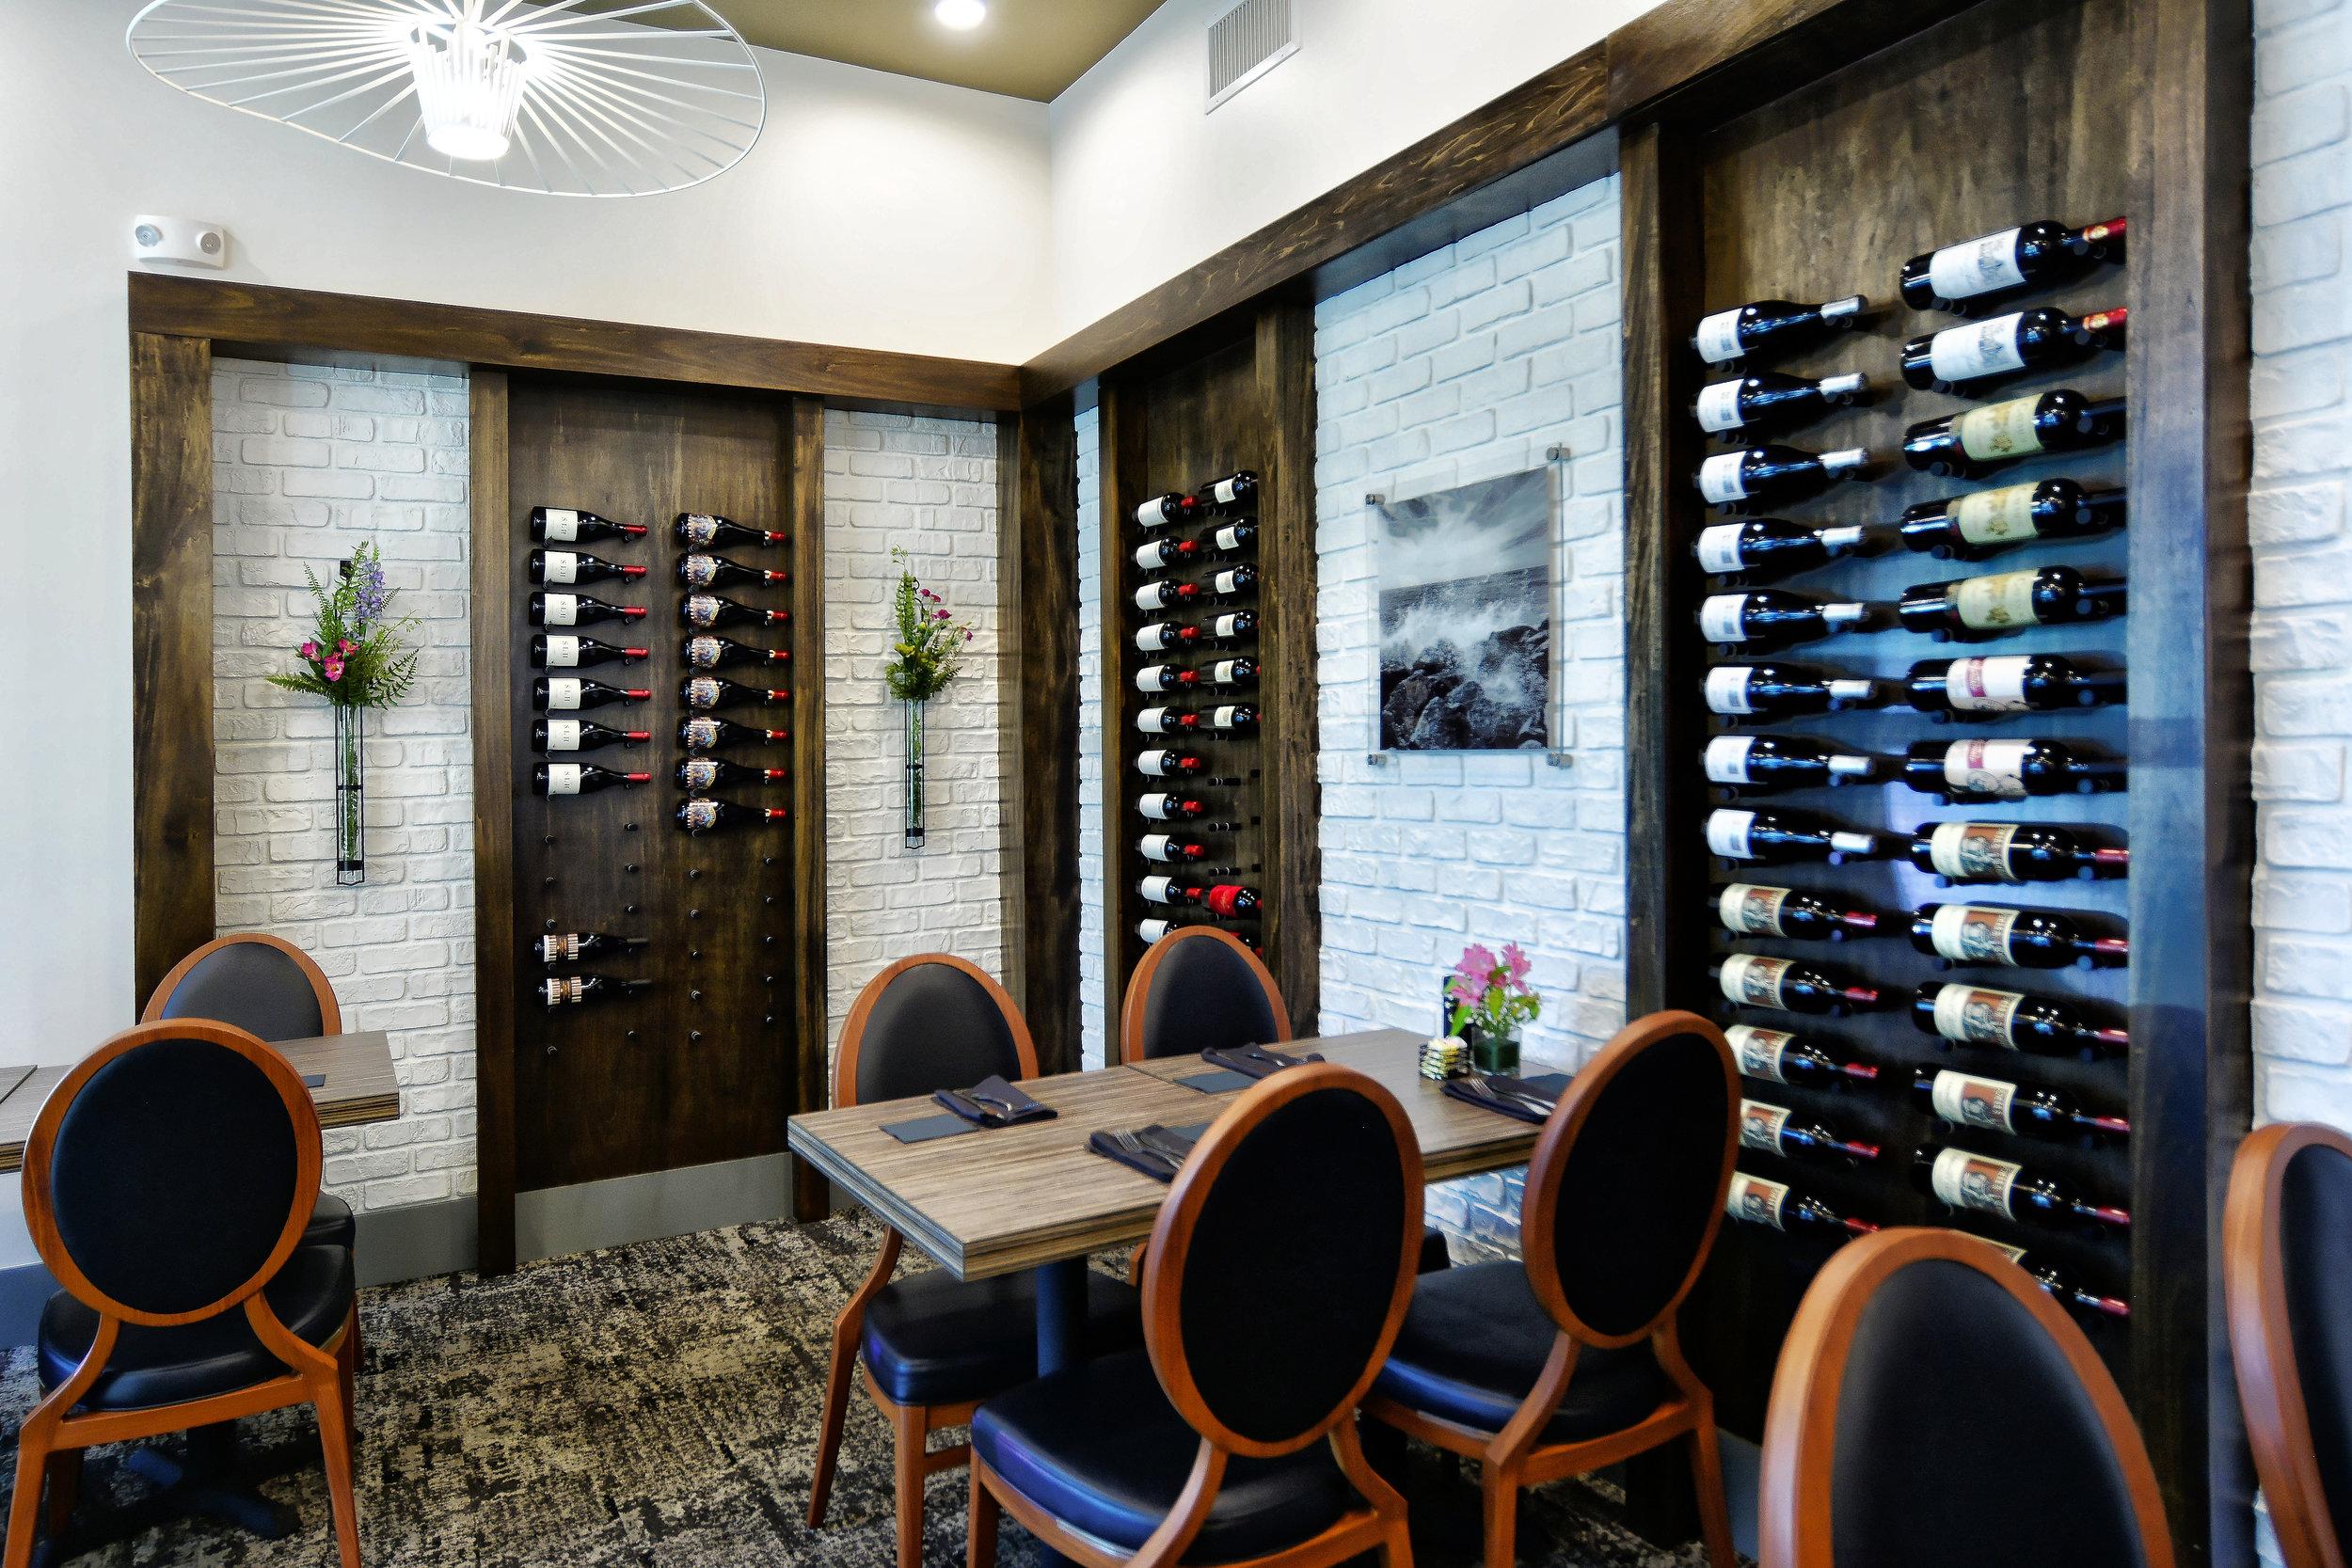 101-West-Venice-Avenue-Cafe-Venice-171.jpg